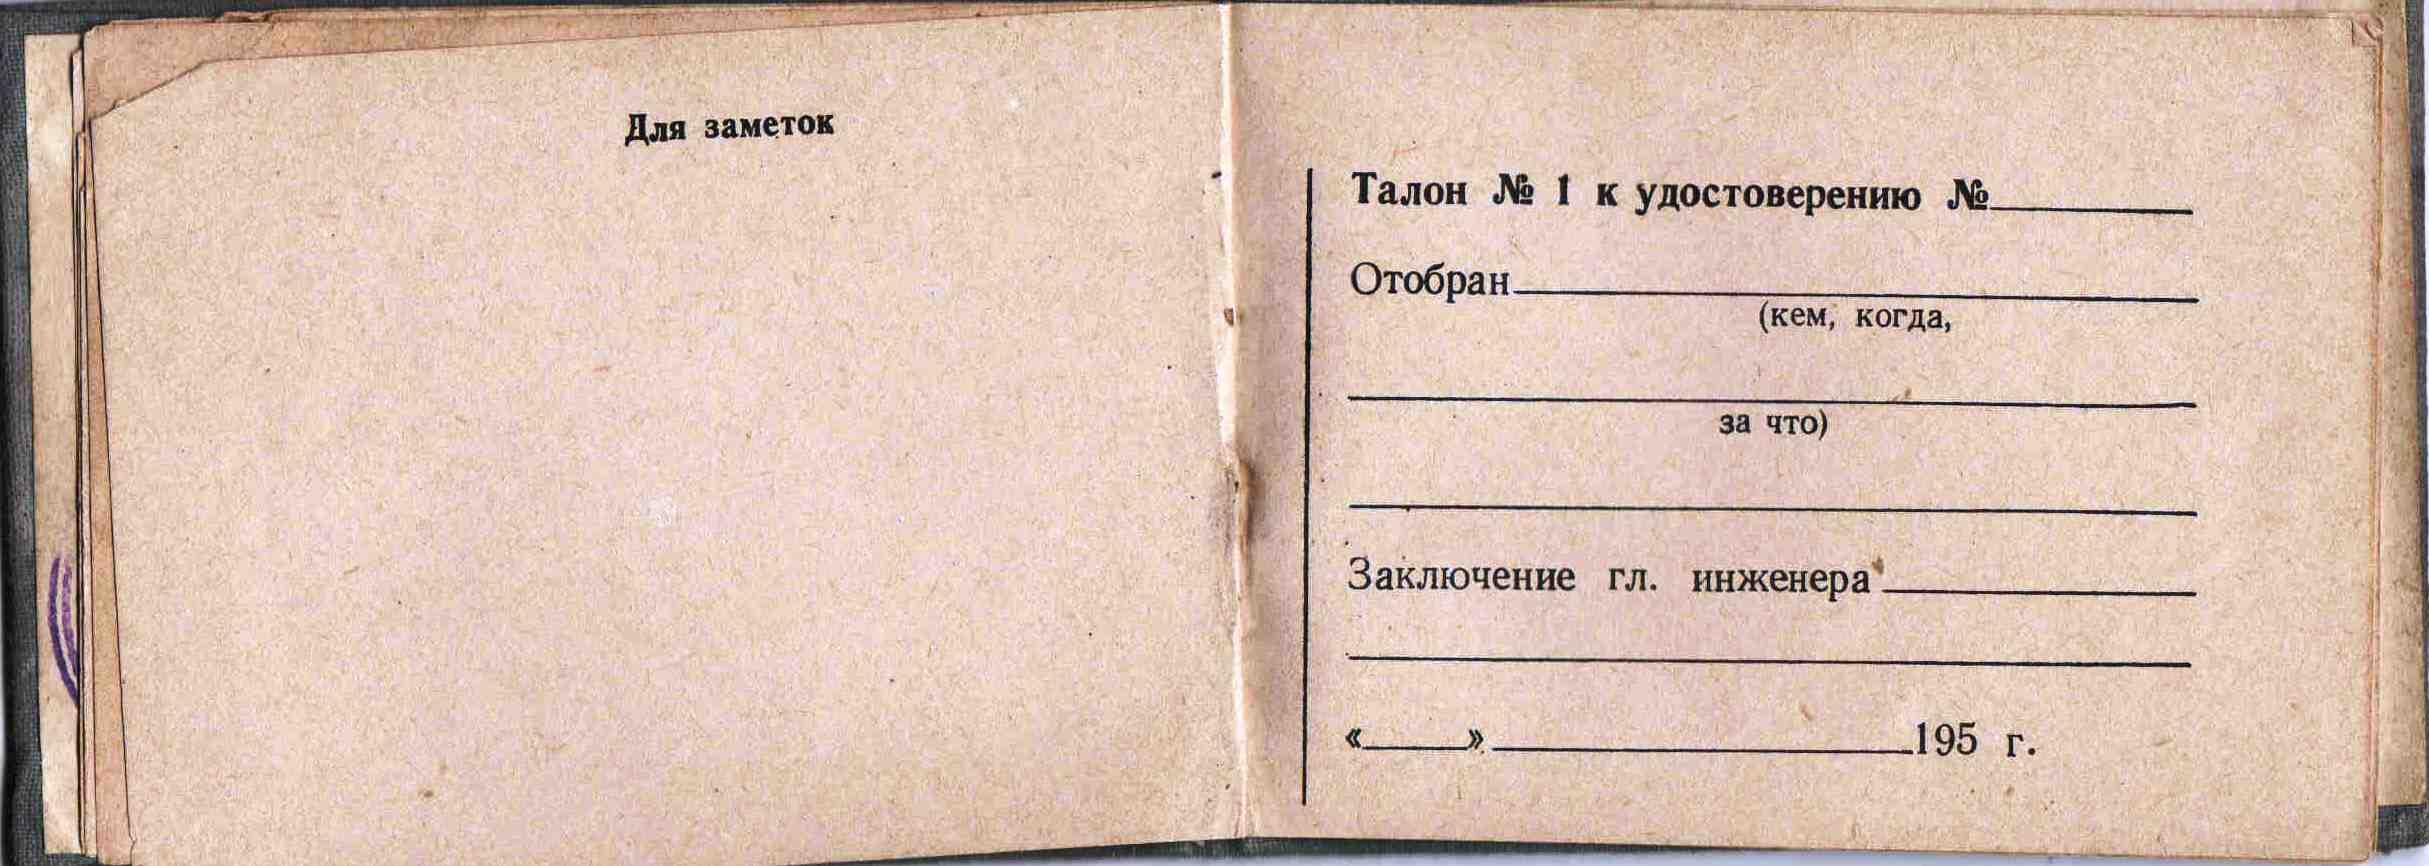 20. Удостоверение вальщика леса бензопилой Дружба, 1960 г.